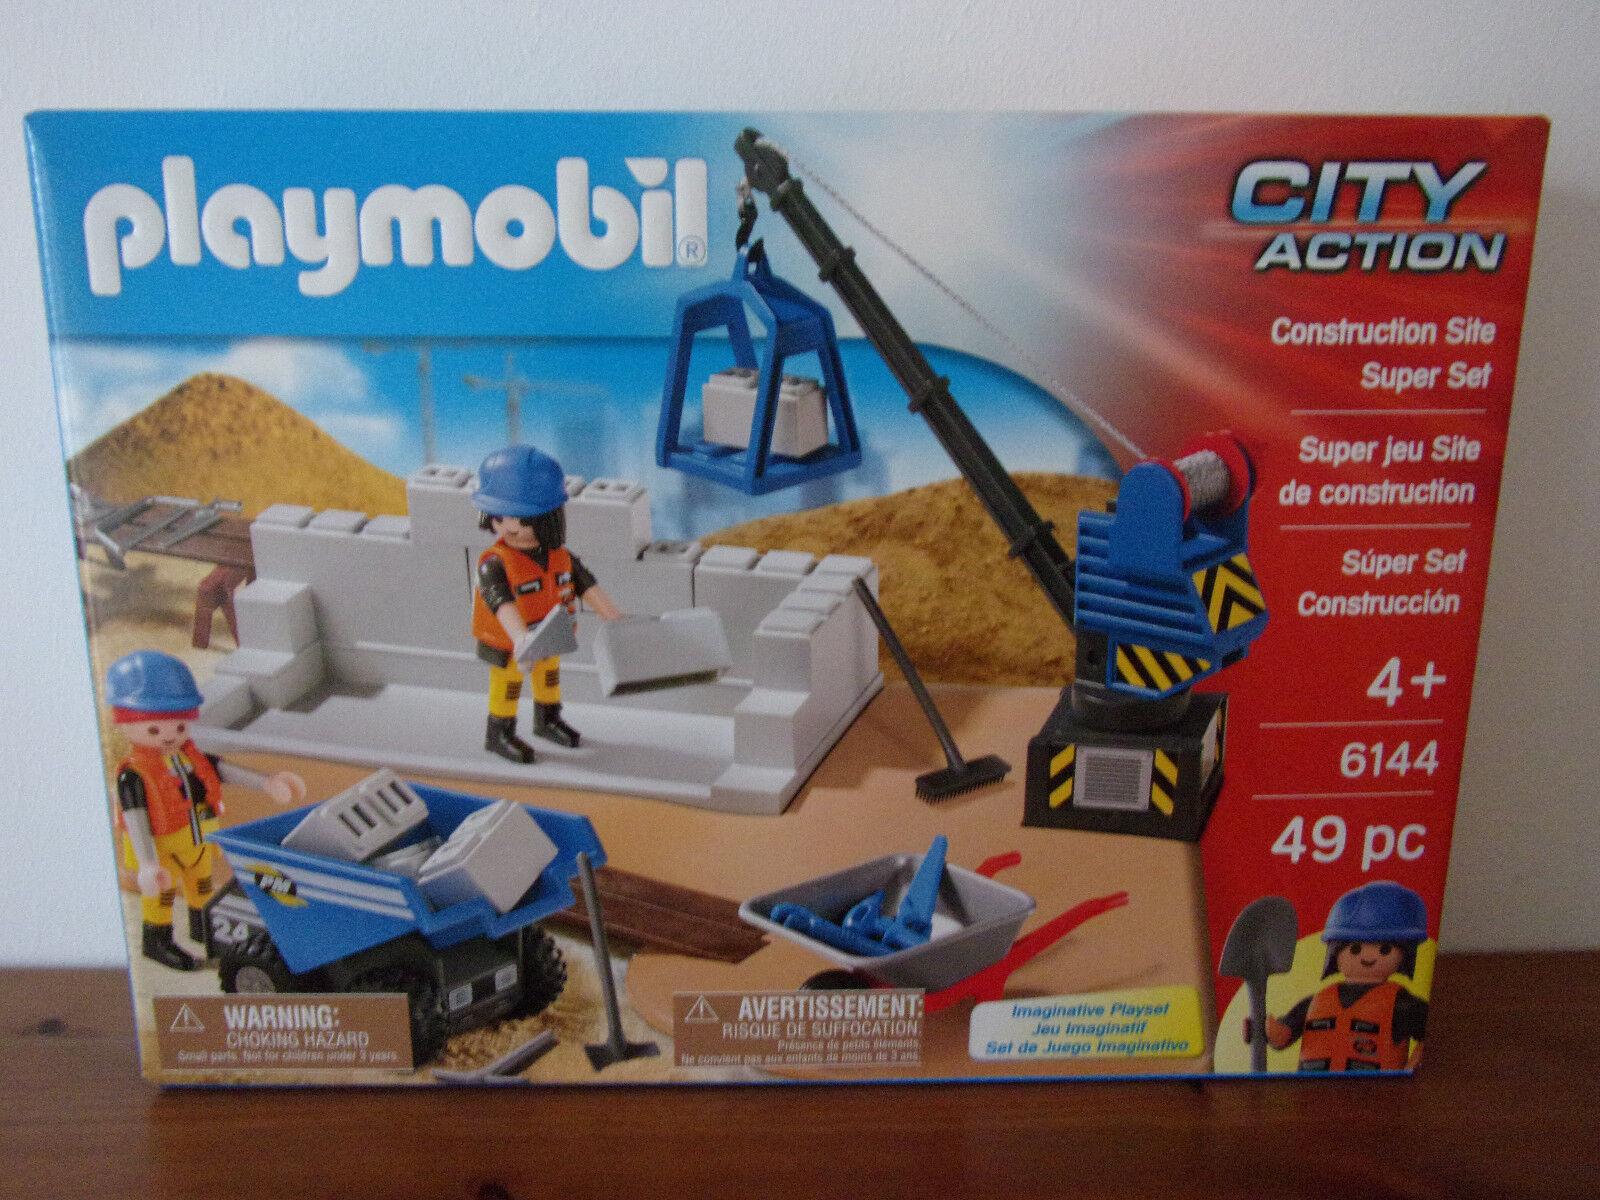 Playmobil City Action Super Set 6144 Construction Site - Nip